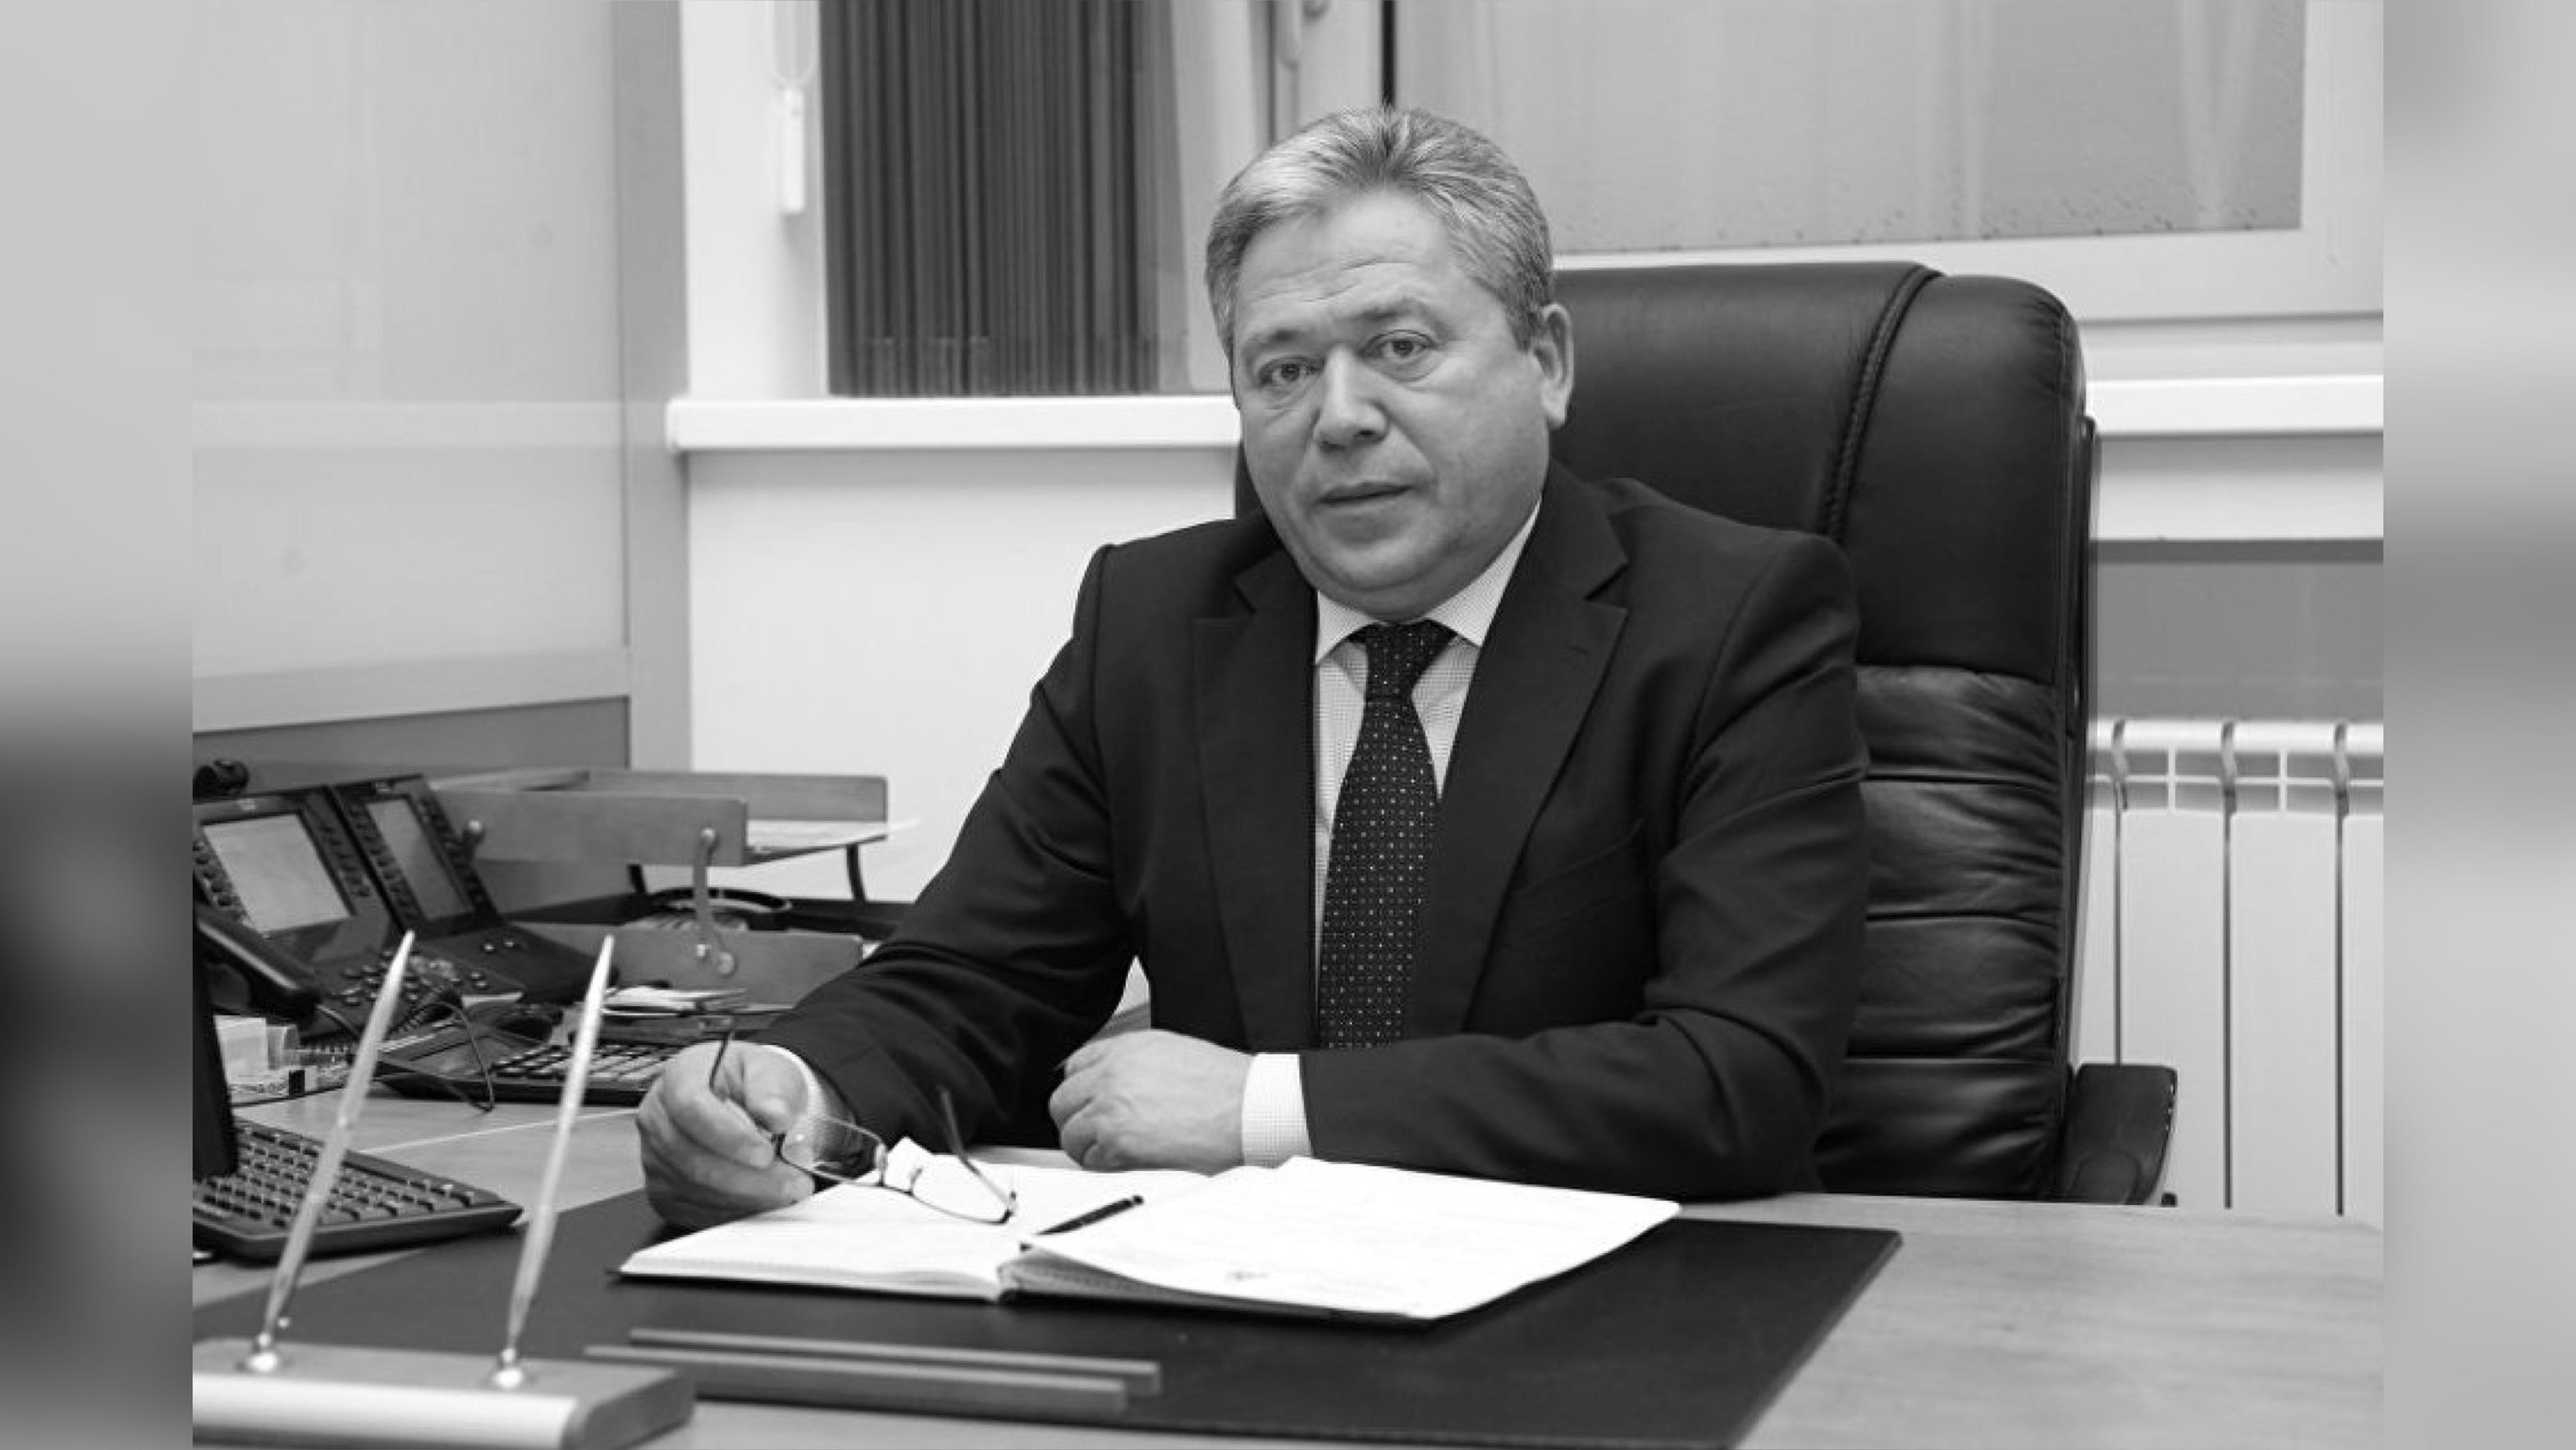 Мэр Уфы умер из-за осложнений после коронавируса